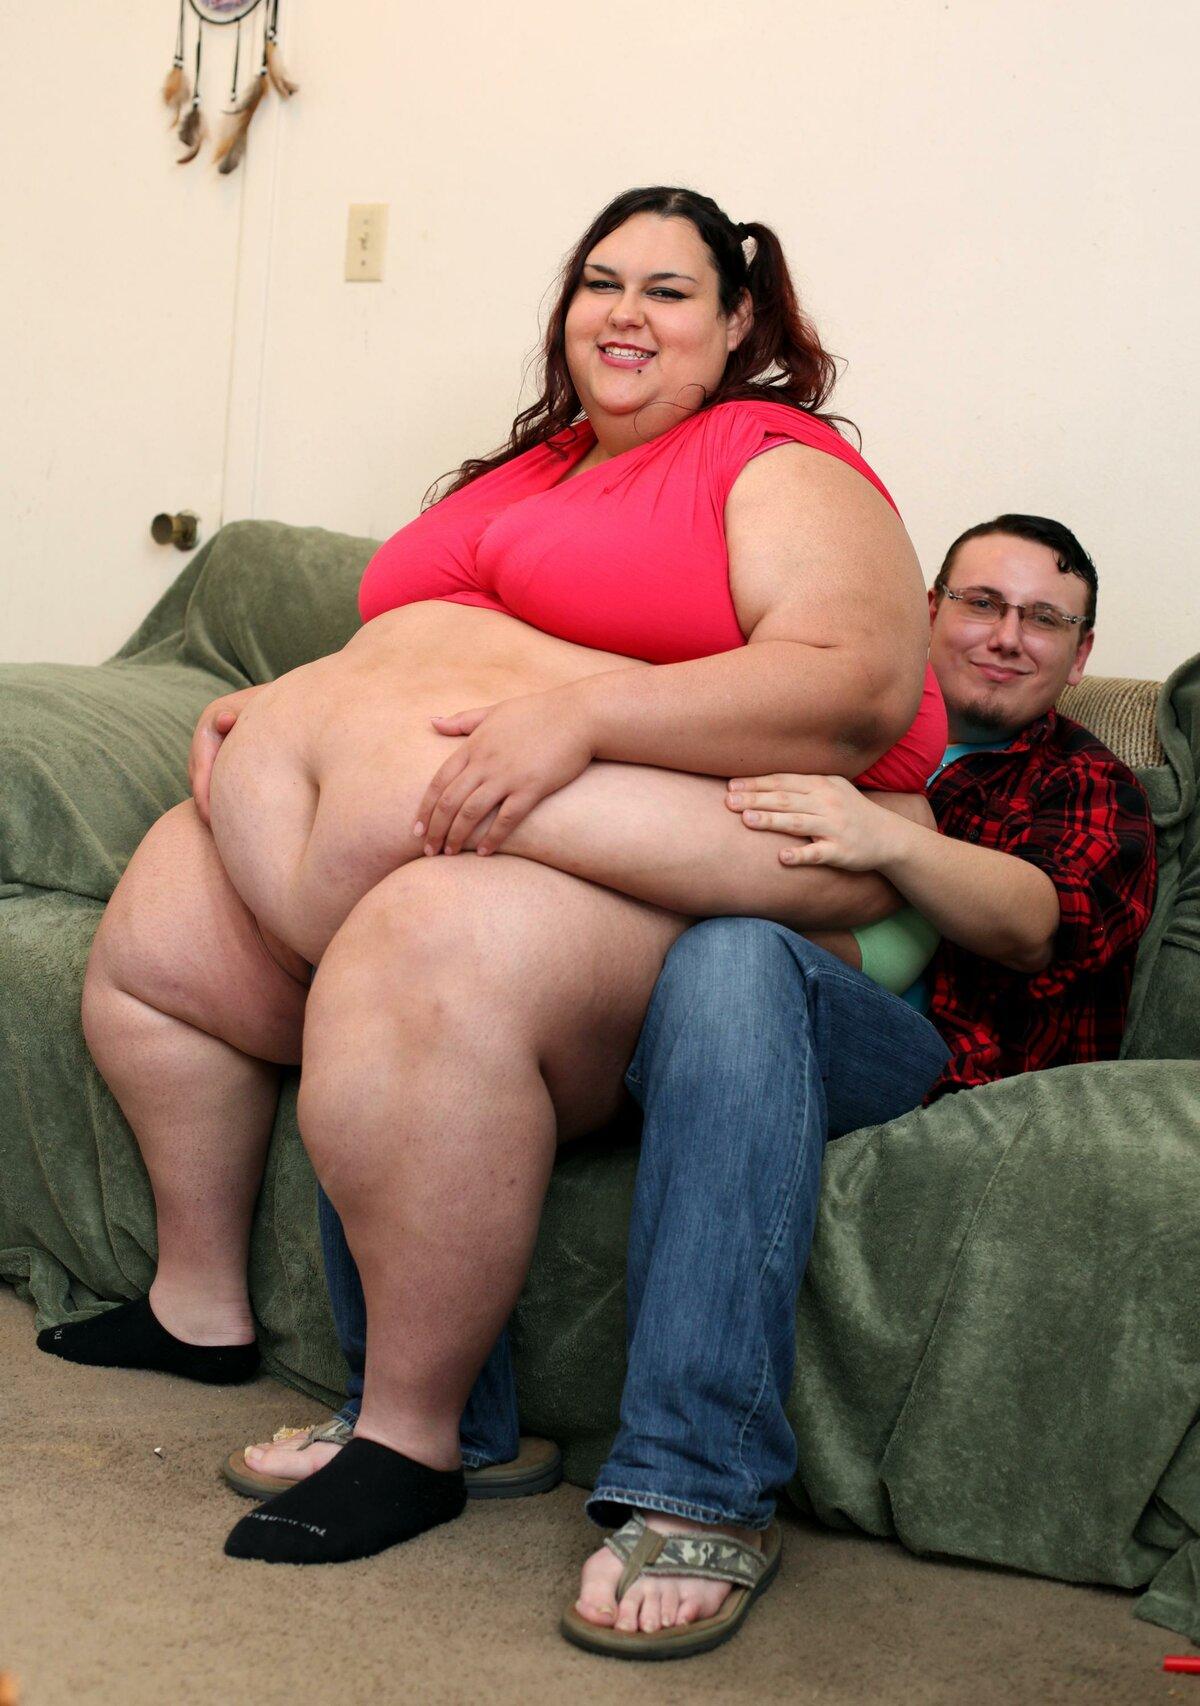 дезодорантами мир толстых голых знаю, точно себе